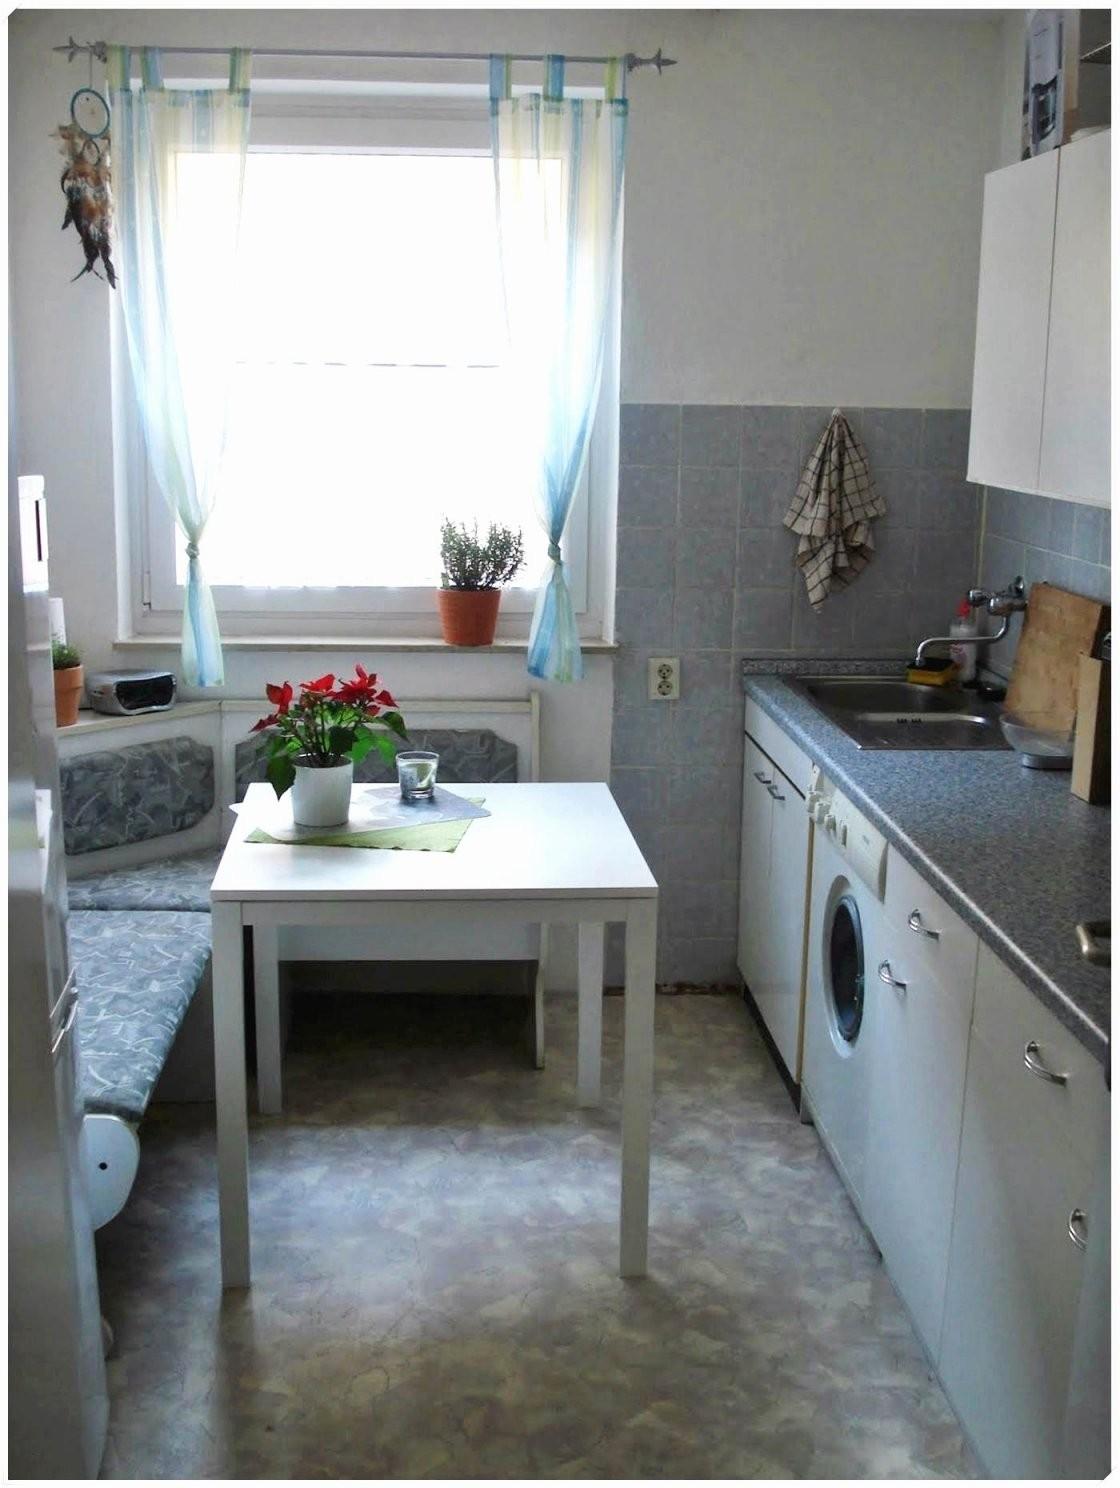 Experte Offene Küche Abtrennen Wohnzimmer Trennen von Offene Küche Wohnzimmer Abtrennen Photo